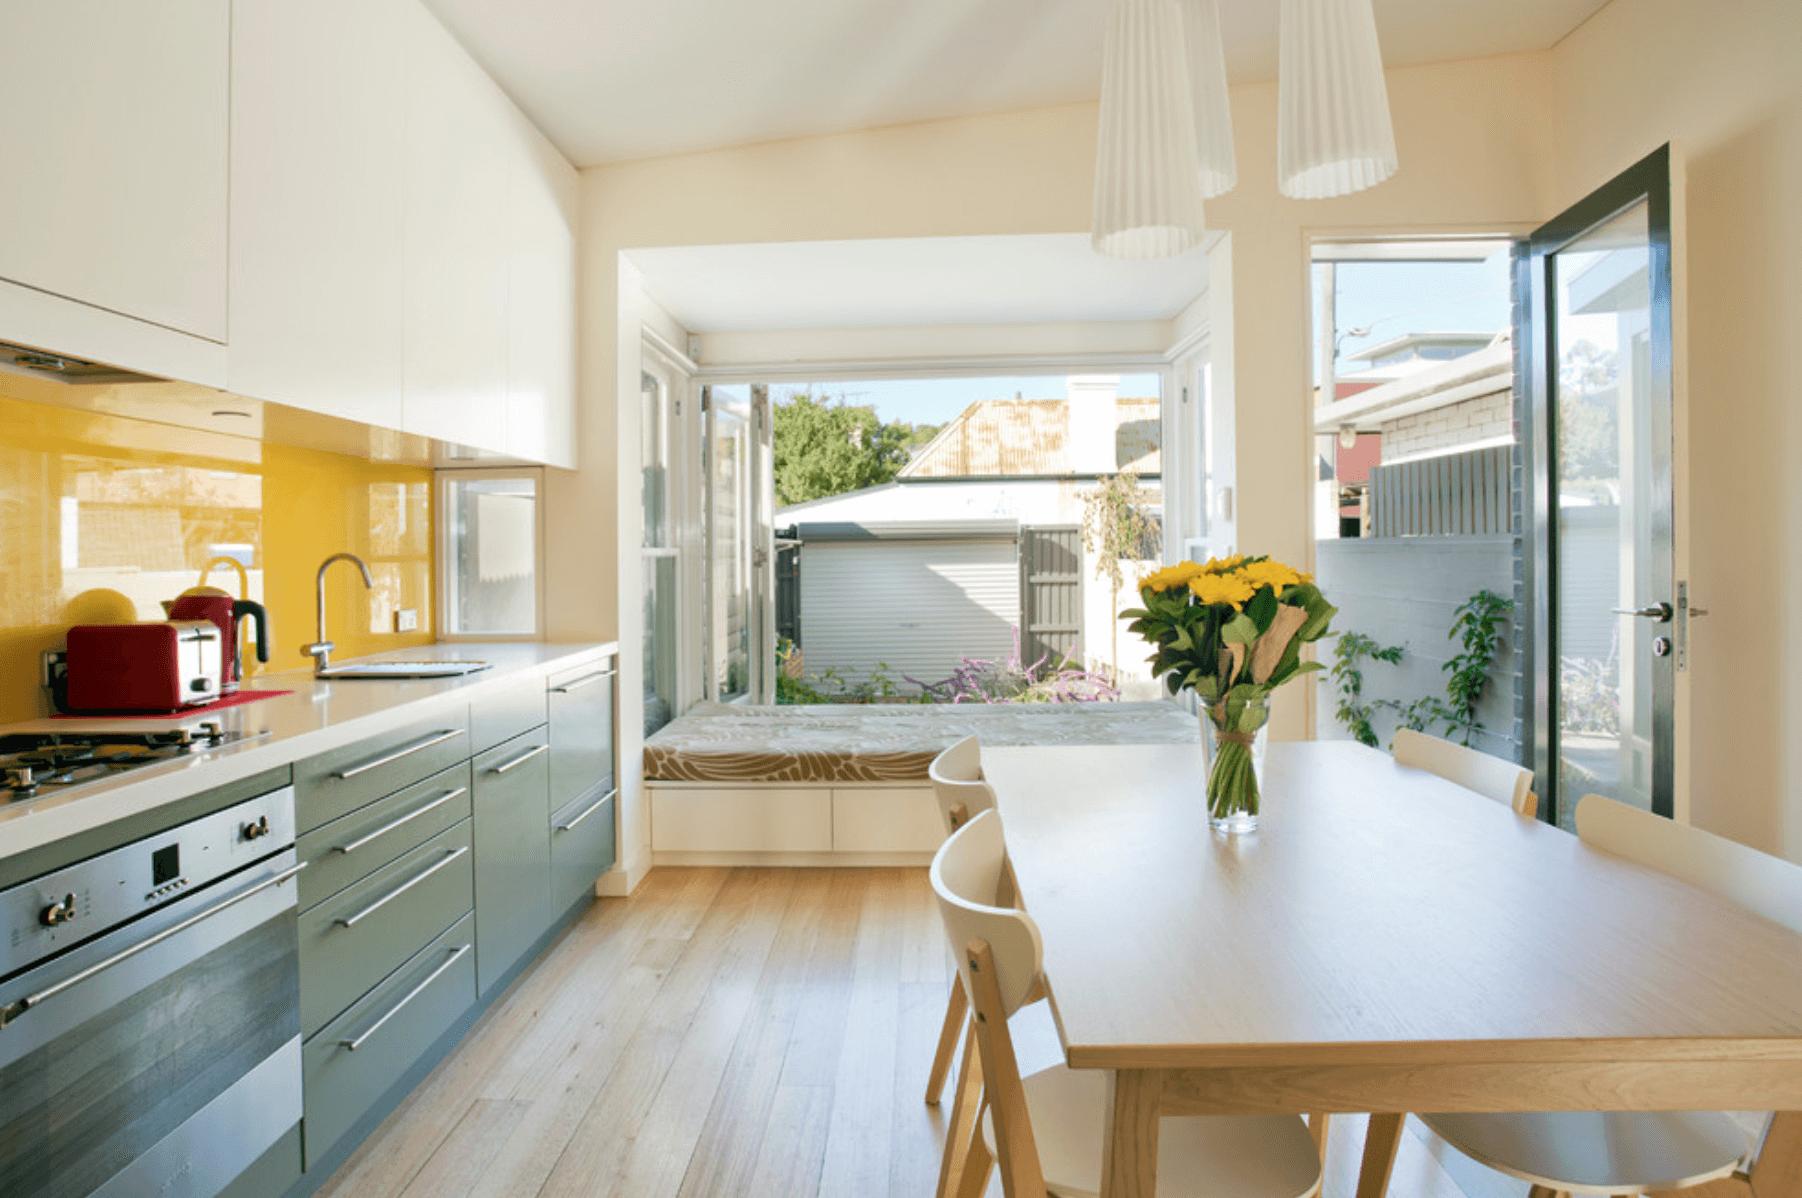 Дизайн кухни в оттенках желтого цвета. Фото 6